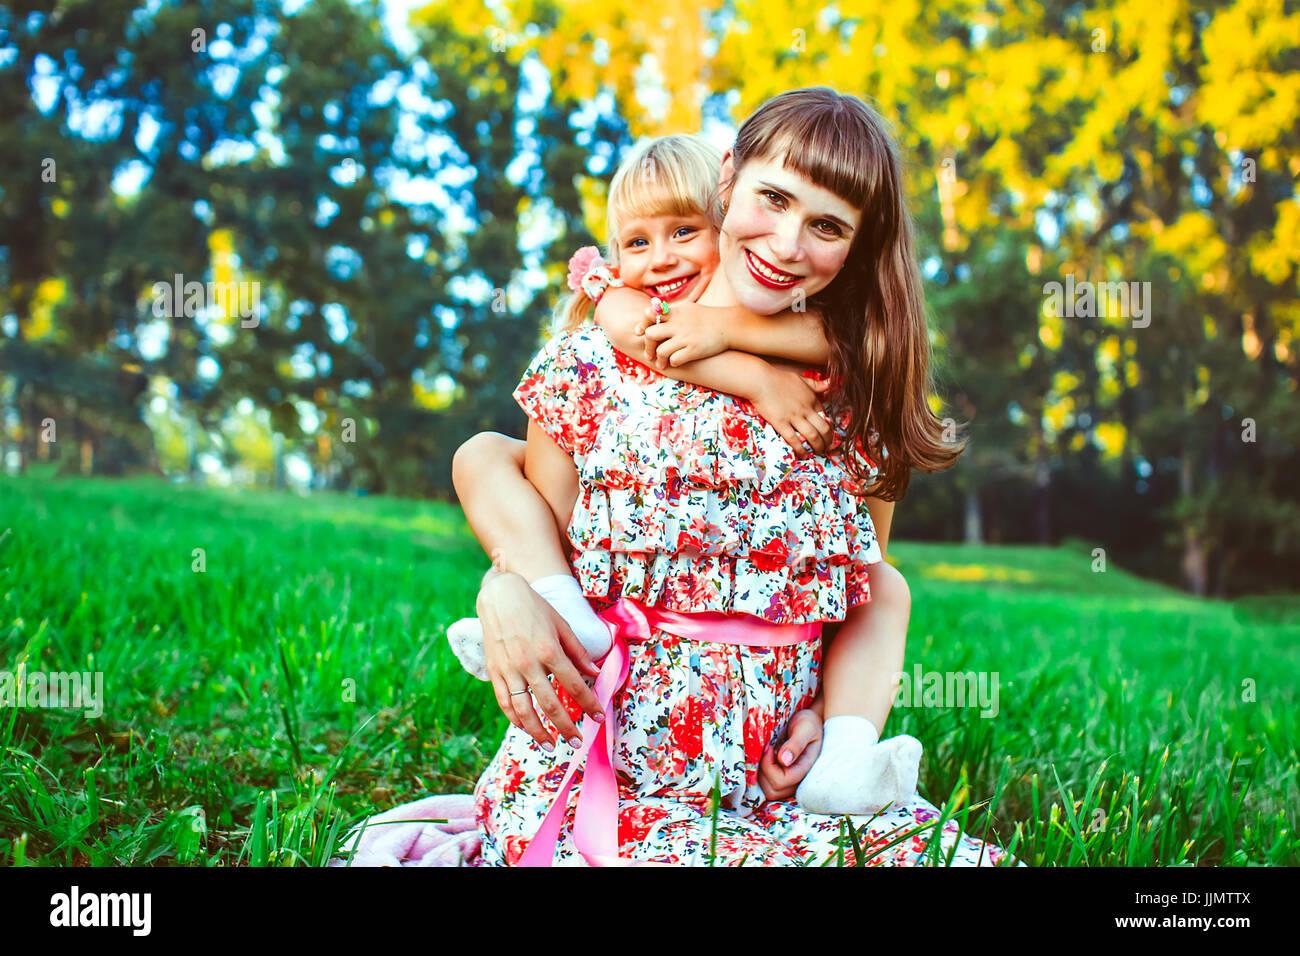 Carino giovane figlia su un piggy back ride con sua madre. guardando la fotocamera. Immagini Stock